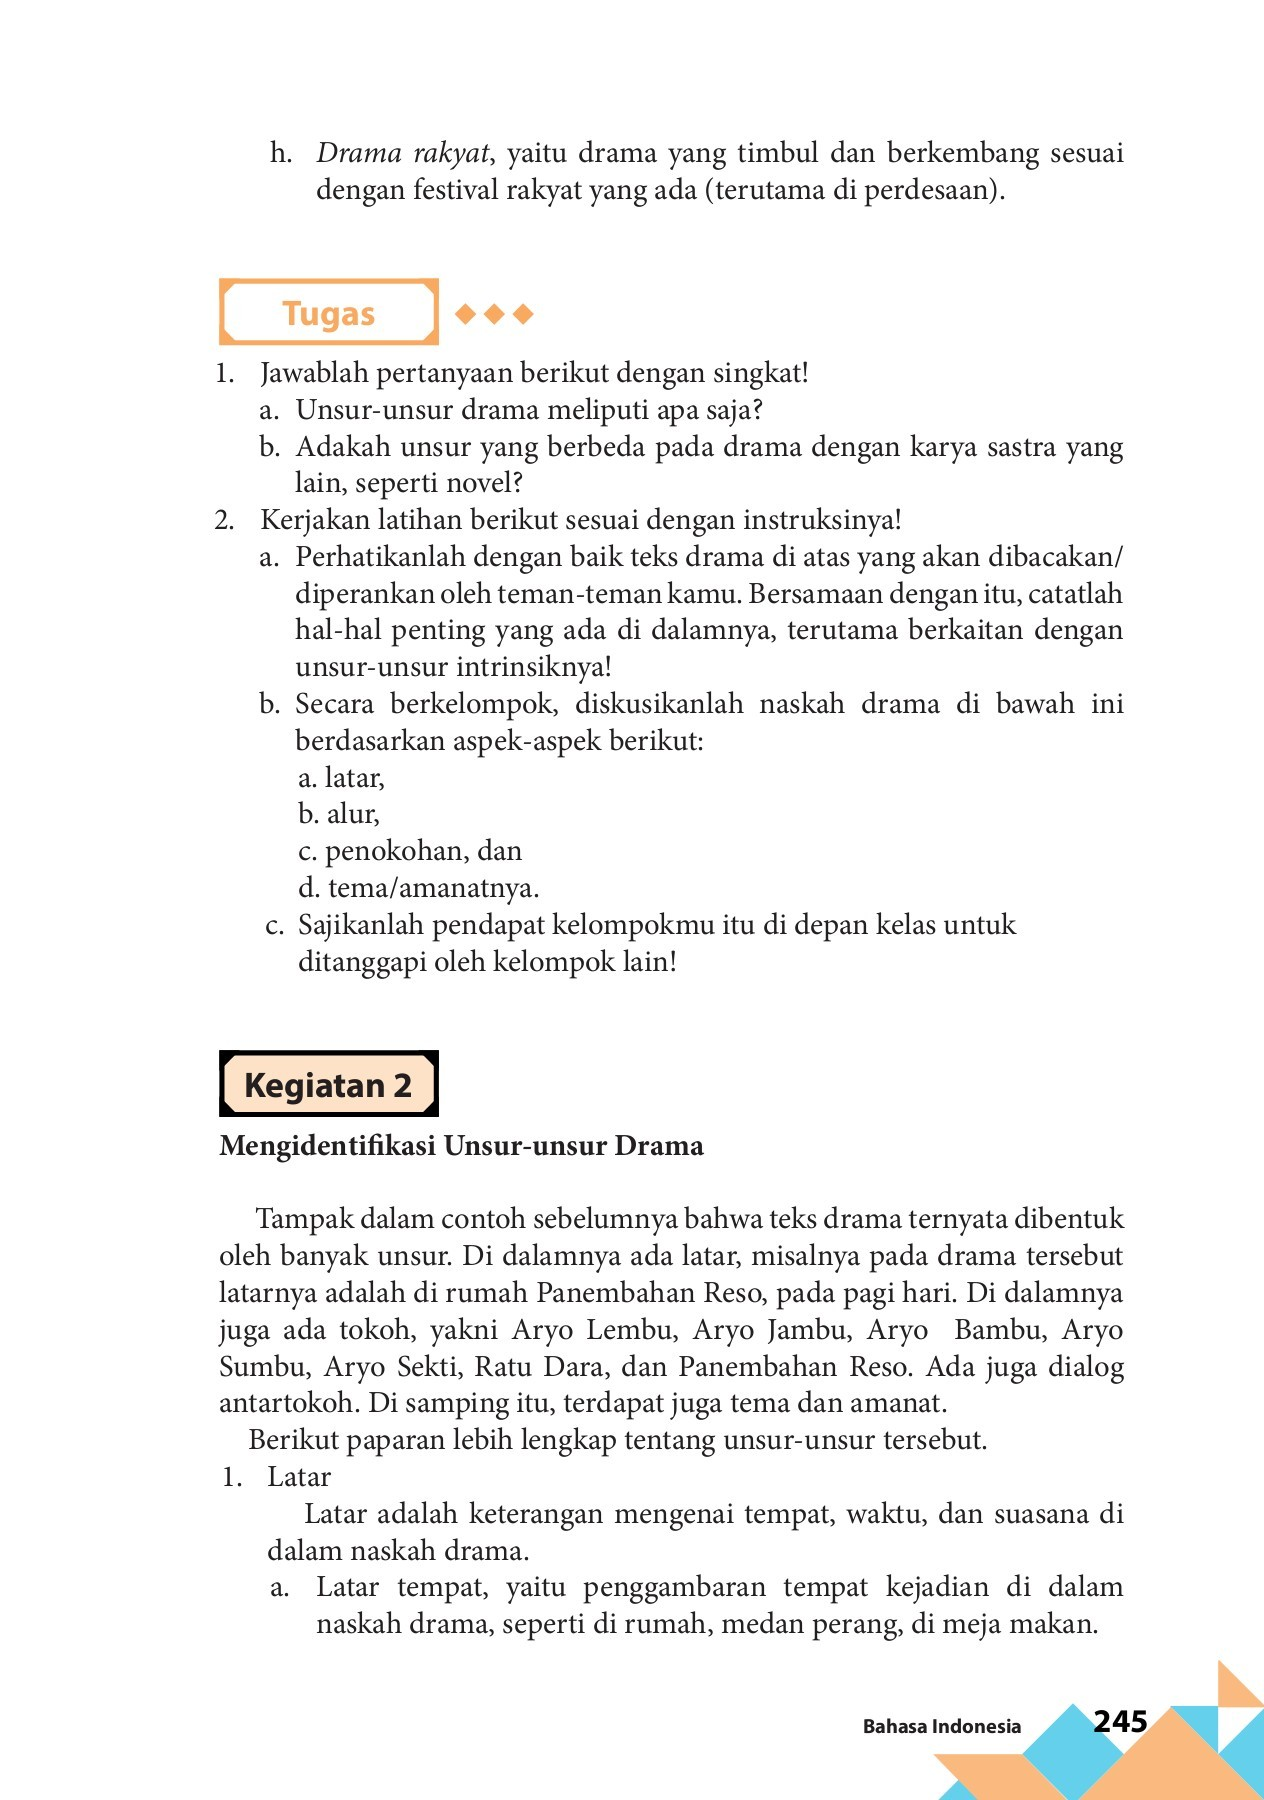 Bahasa Indonesia Kelas Xi Smk Semester Ii Babv Mempersiapkan Proposal Tugas Halaman 153